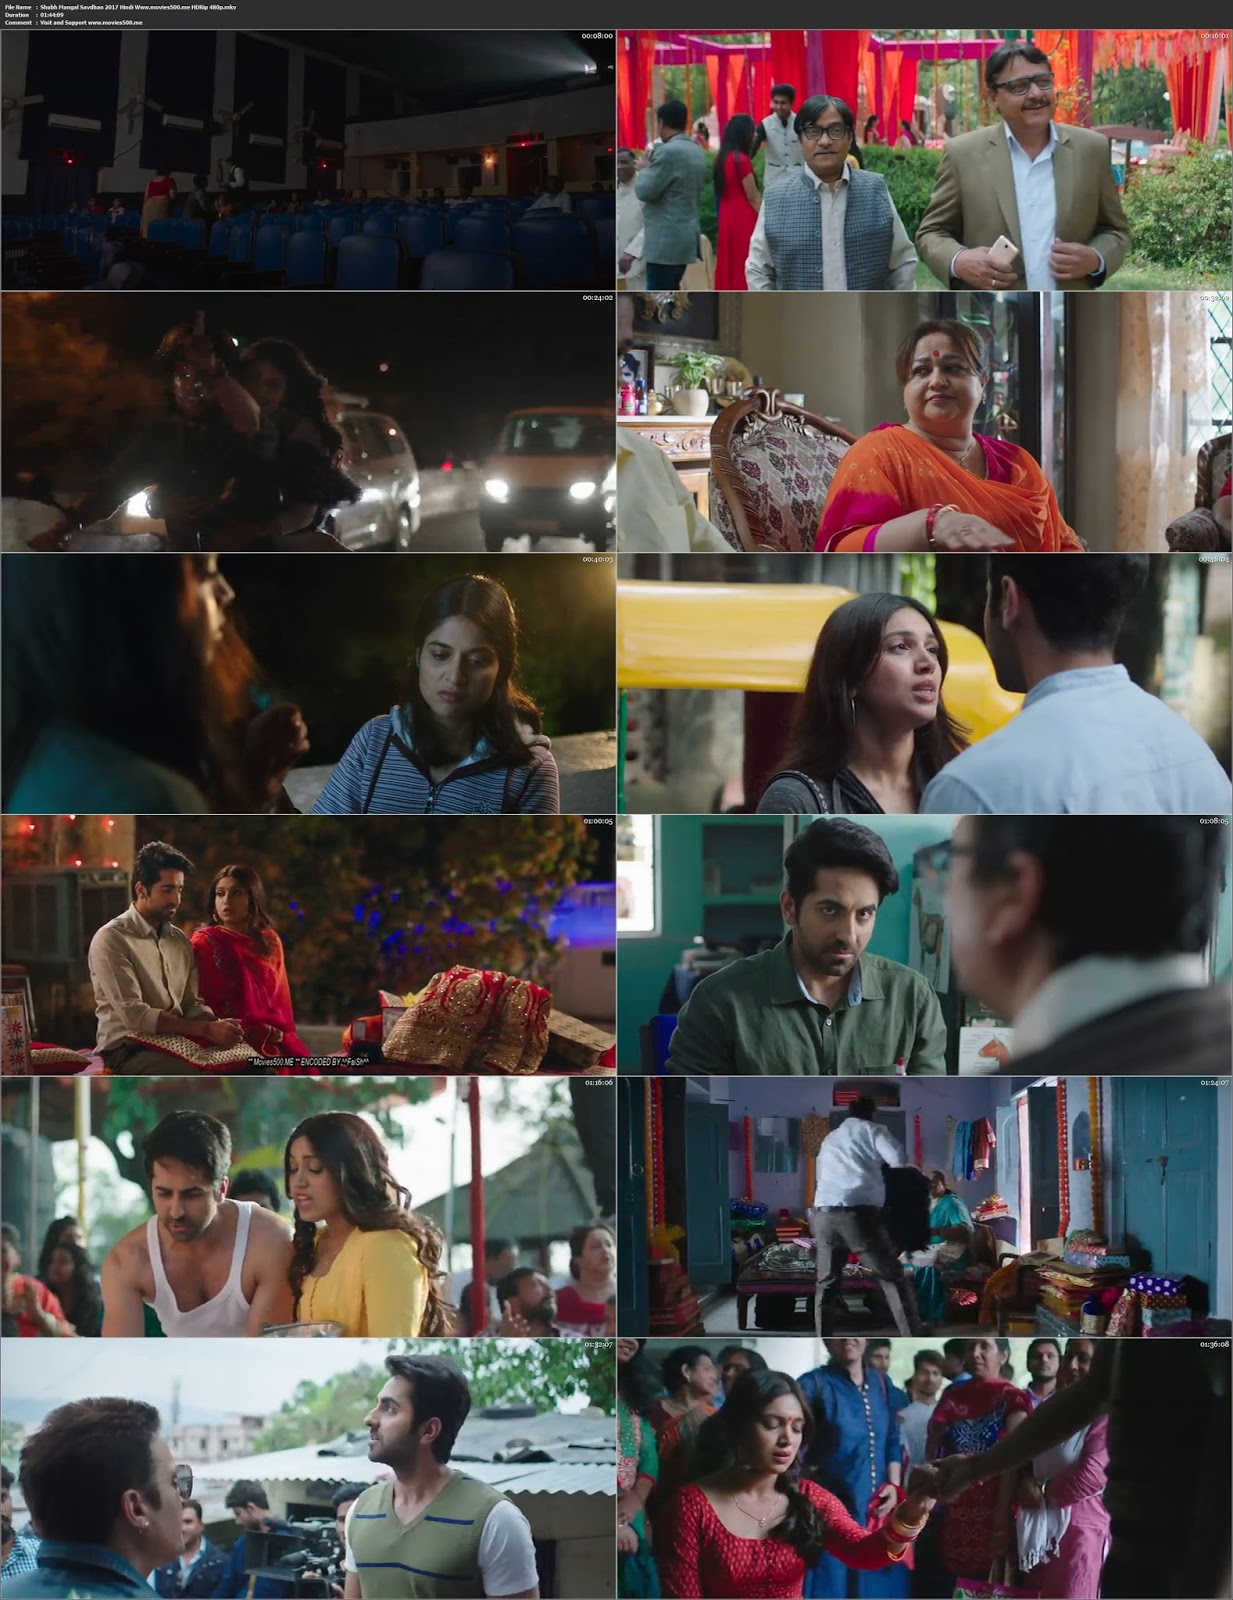 Shubh Mangal Saavdhan 2017 Bollywood 300MB HDRip 720p at rmsg.us